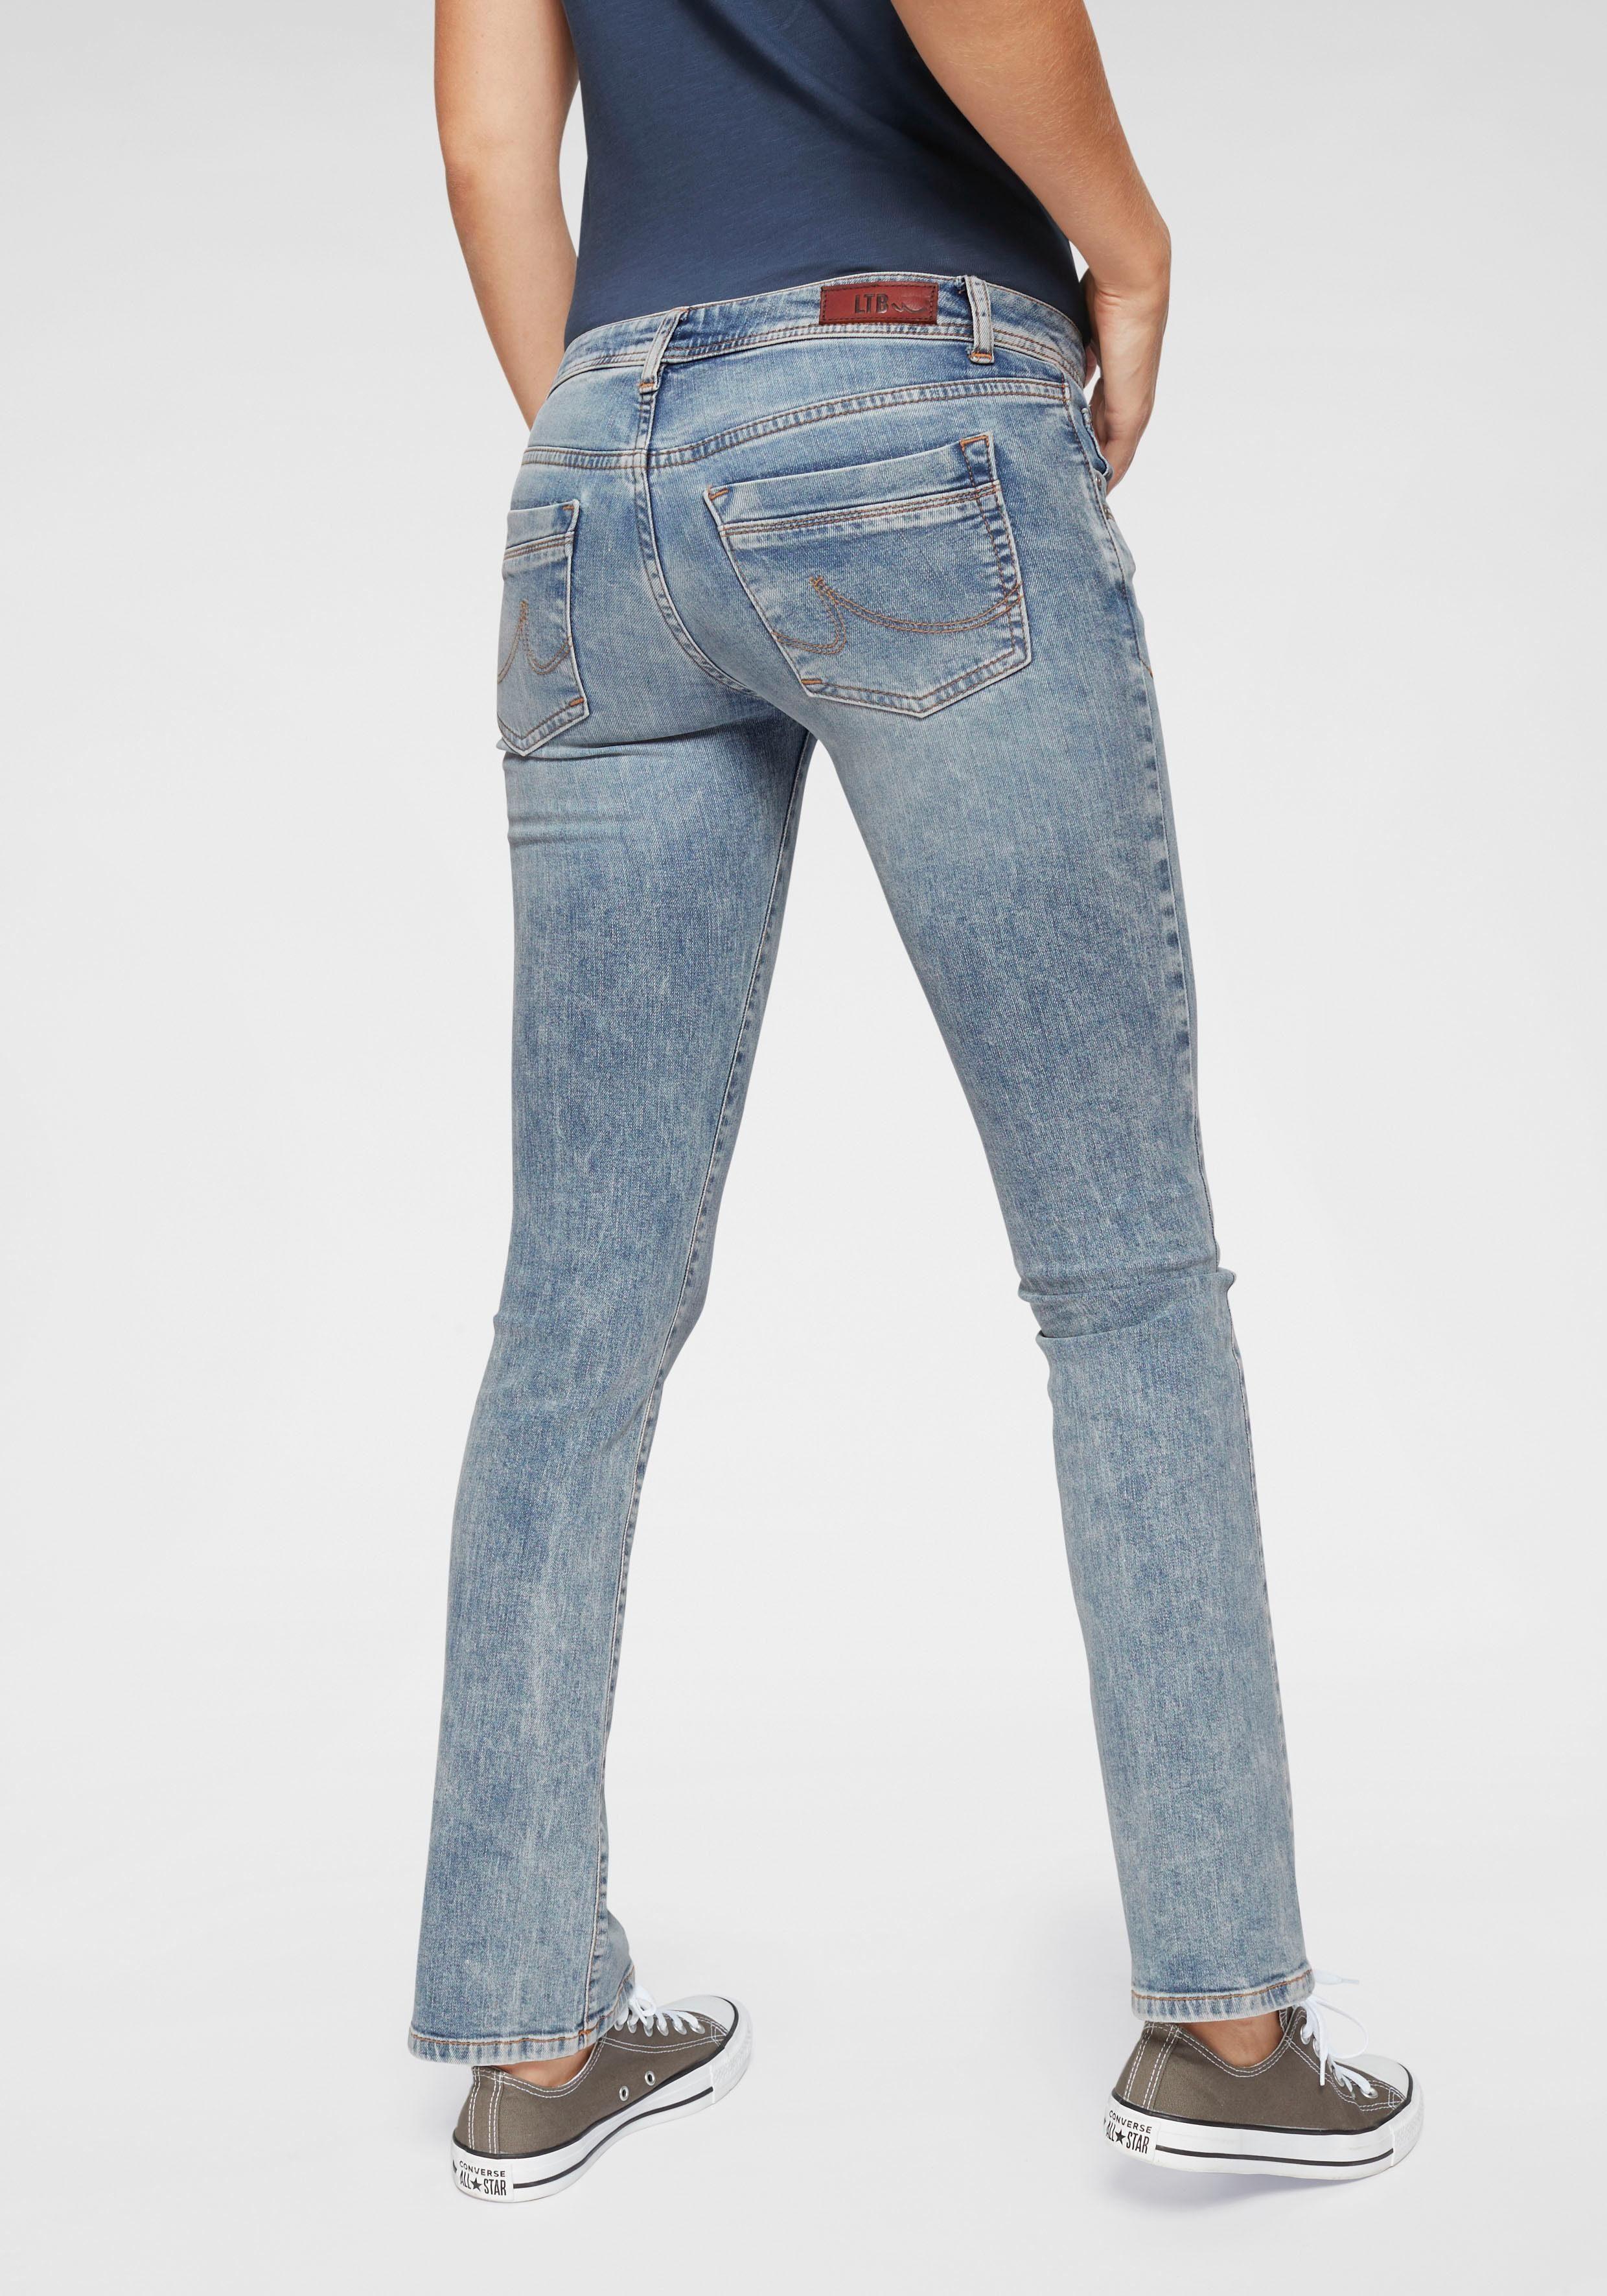 Ltb »valerie« Jeans Bootcut Mit Stretch AnteilOtto QrWExBdoCe